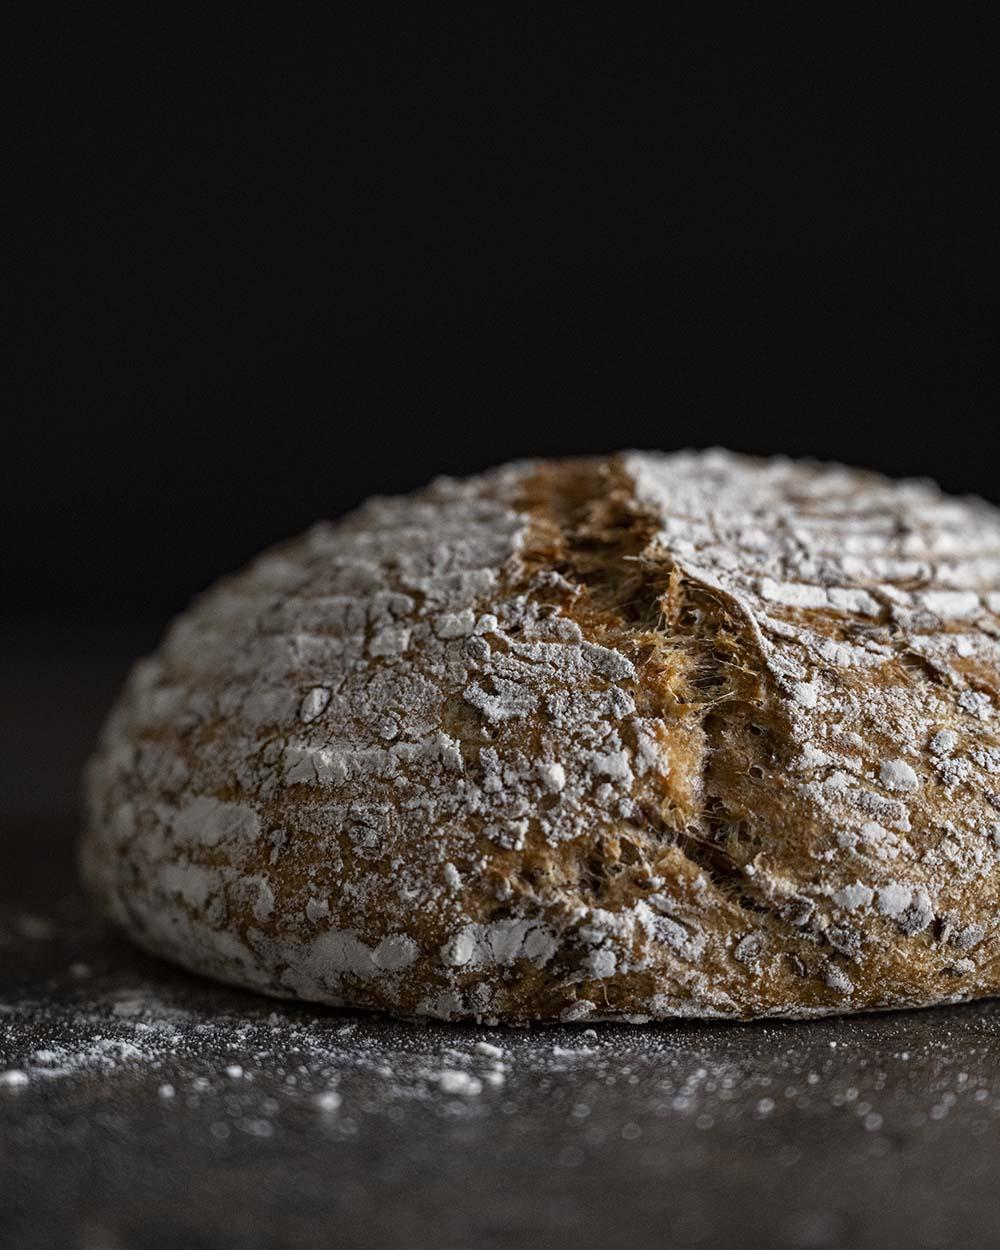 Unser Sauerkrautbrot, fotografiert von der Seite. Es ist gerade aus dem Ofen gekommen und hat eine sehr knusprige Kruste.